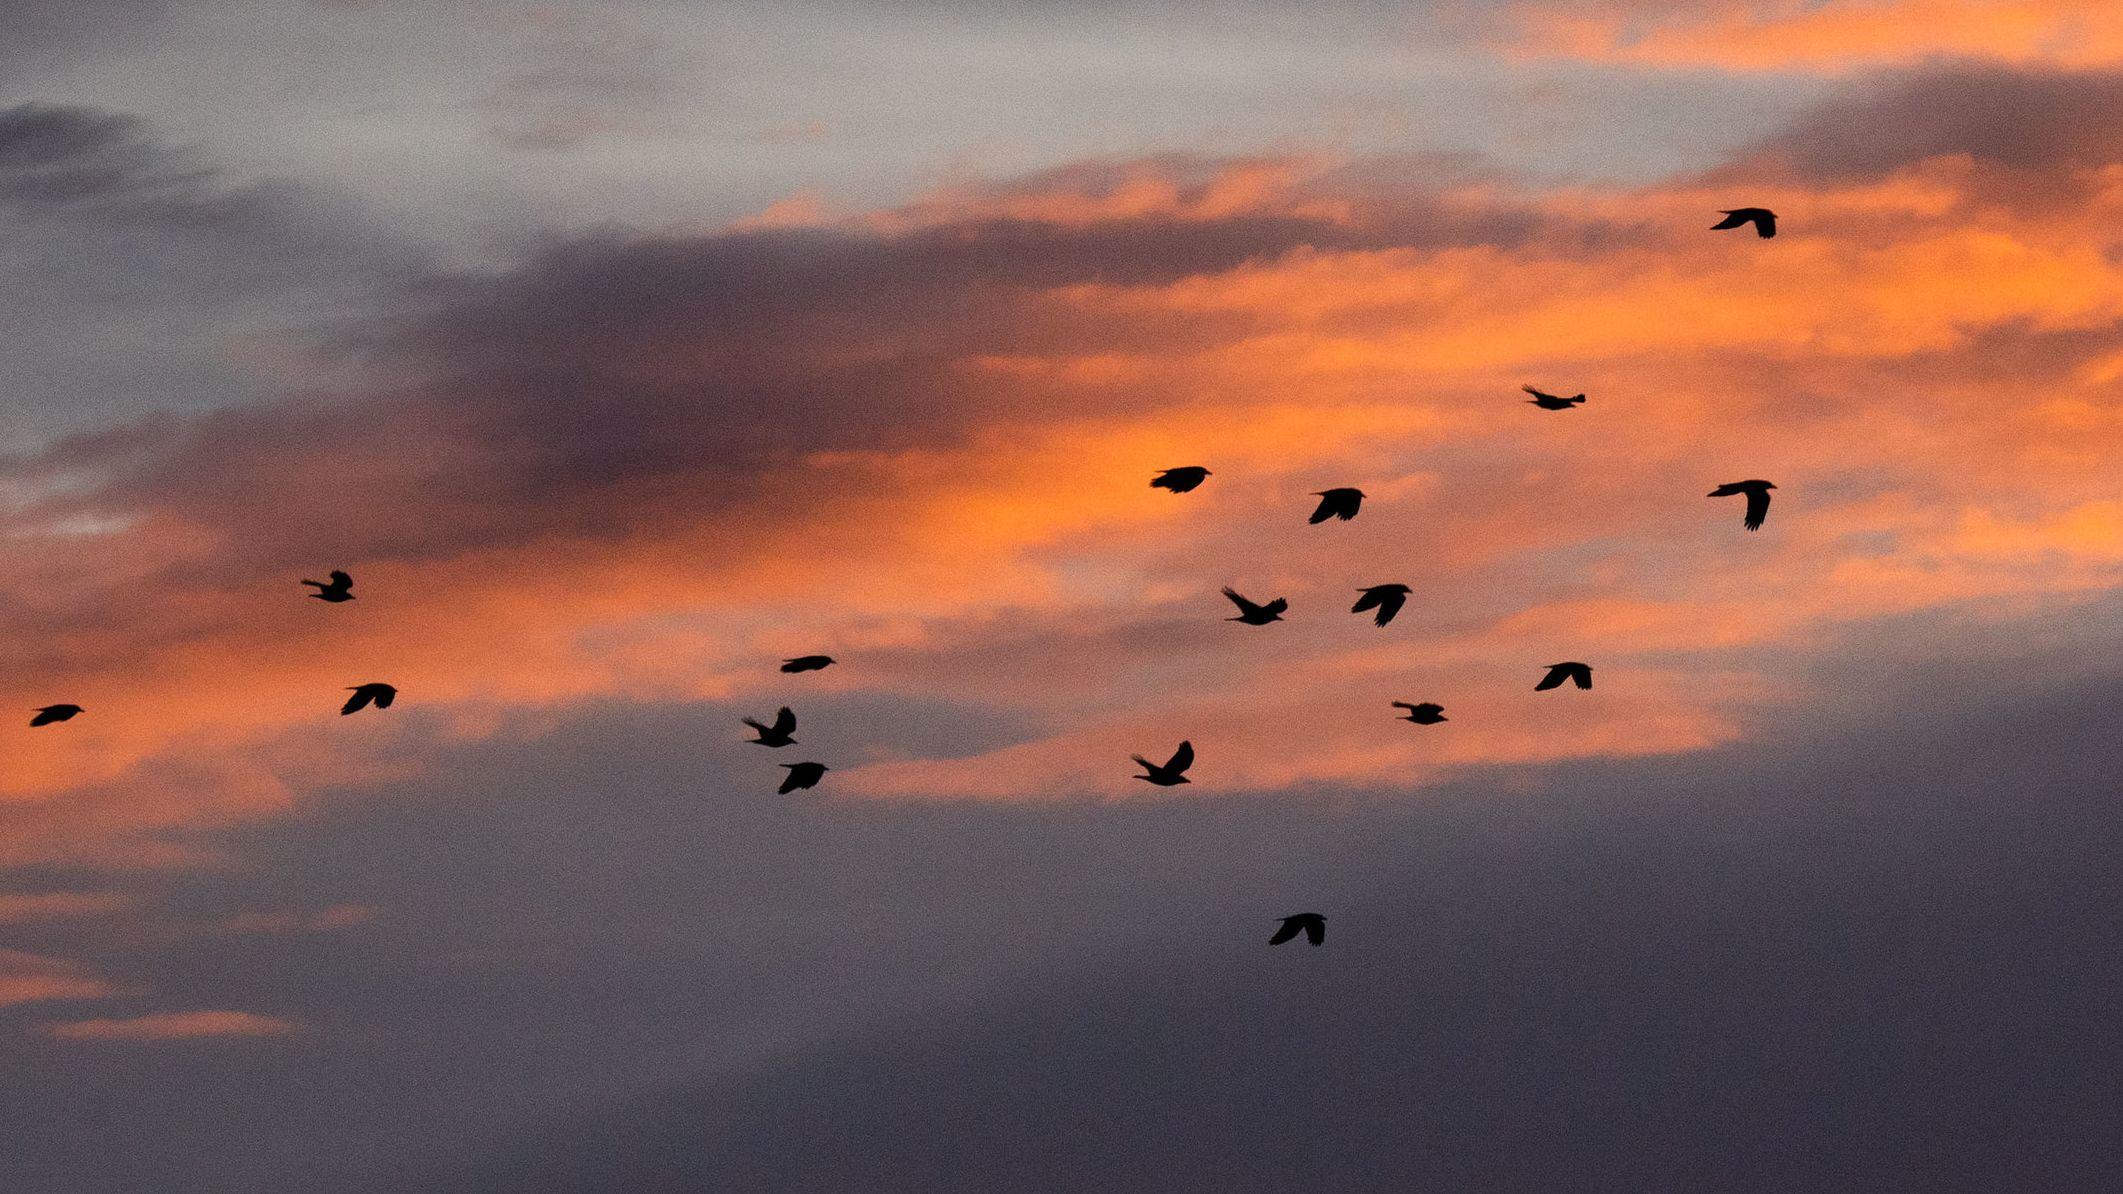 17.12.2019, Niedersachsen, Hannover: Ein Vogelschwarm fliegt über Felder, während am Horizont die aufgehende Sonne die Wolken rötlich erscheinen lässt.